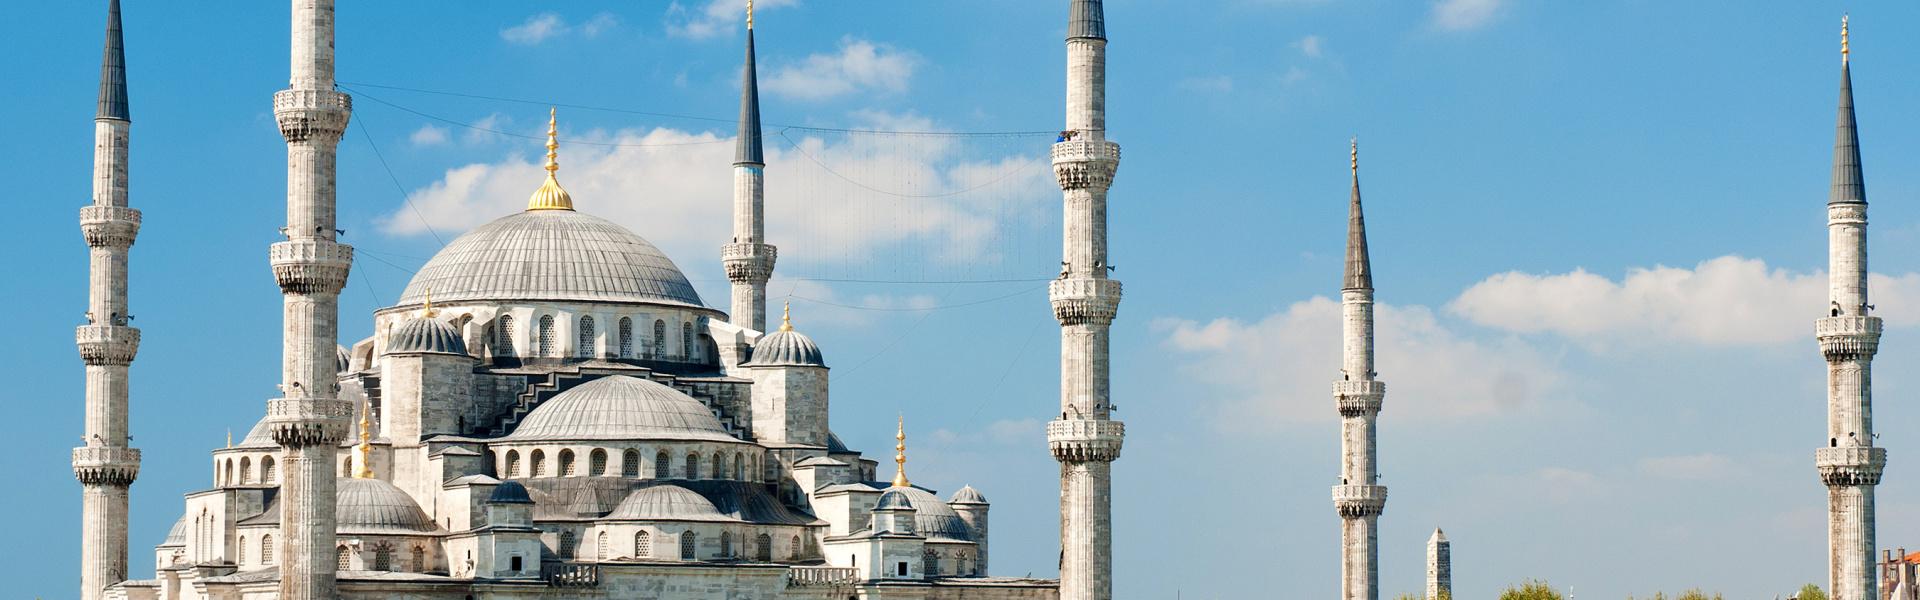 billigflüge von istanbul nach münchen